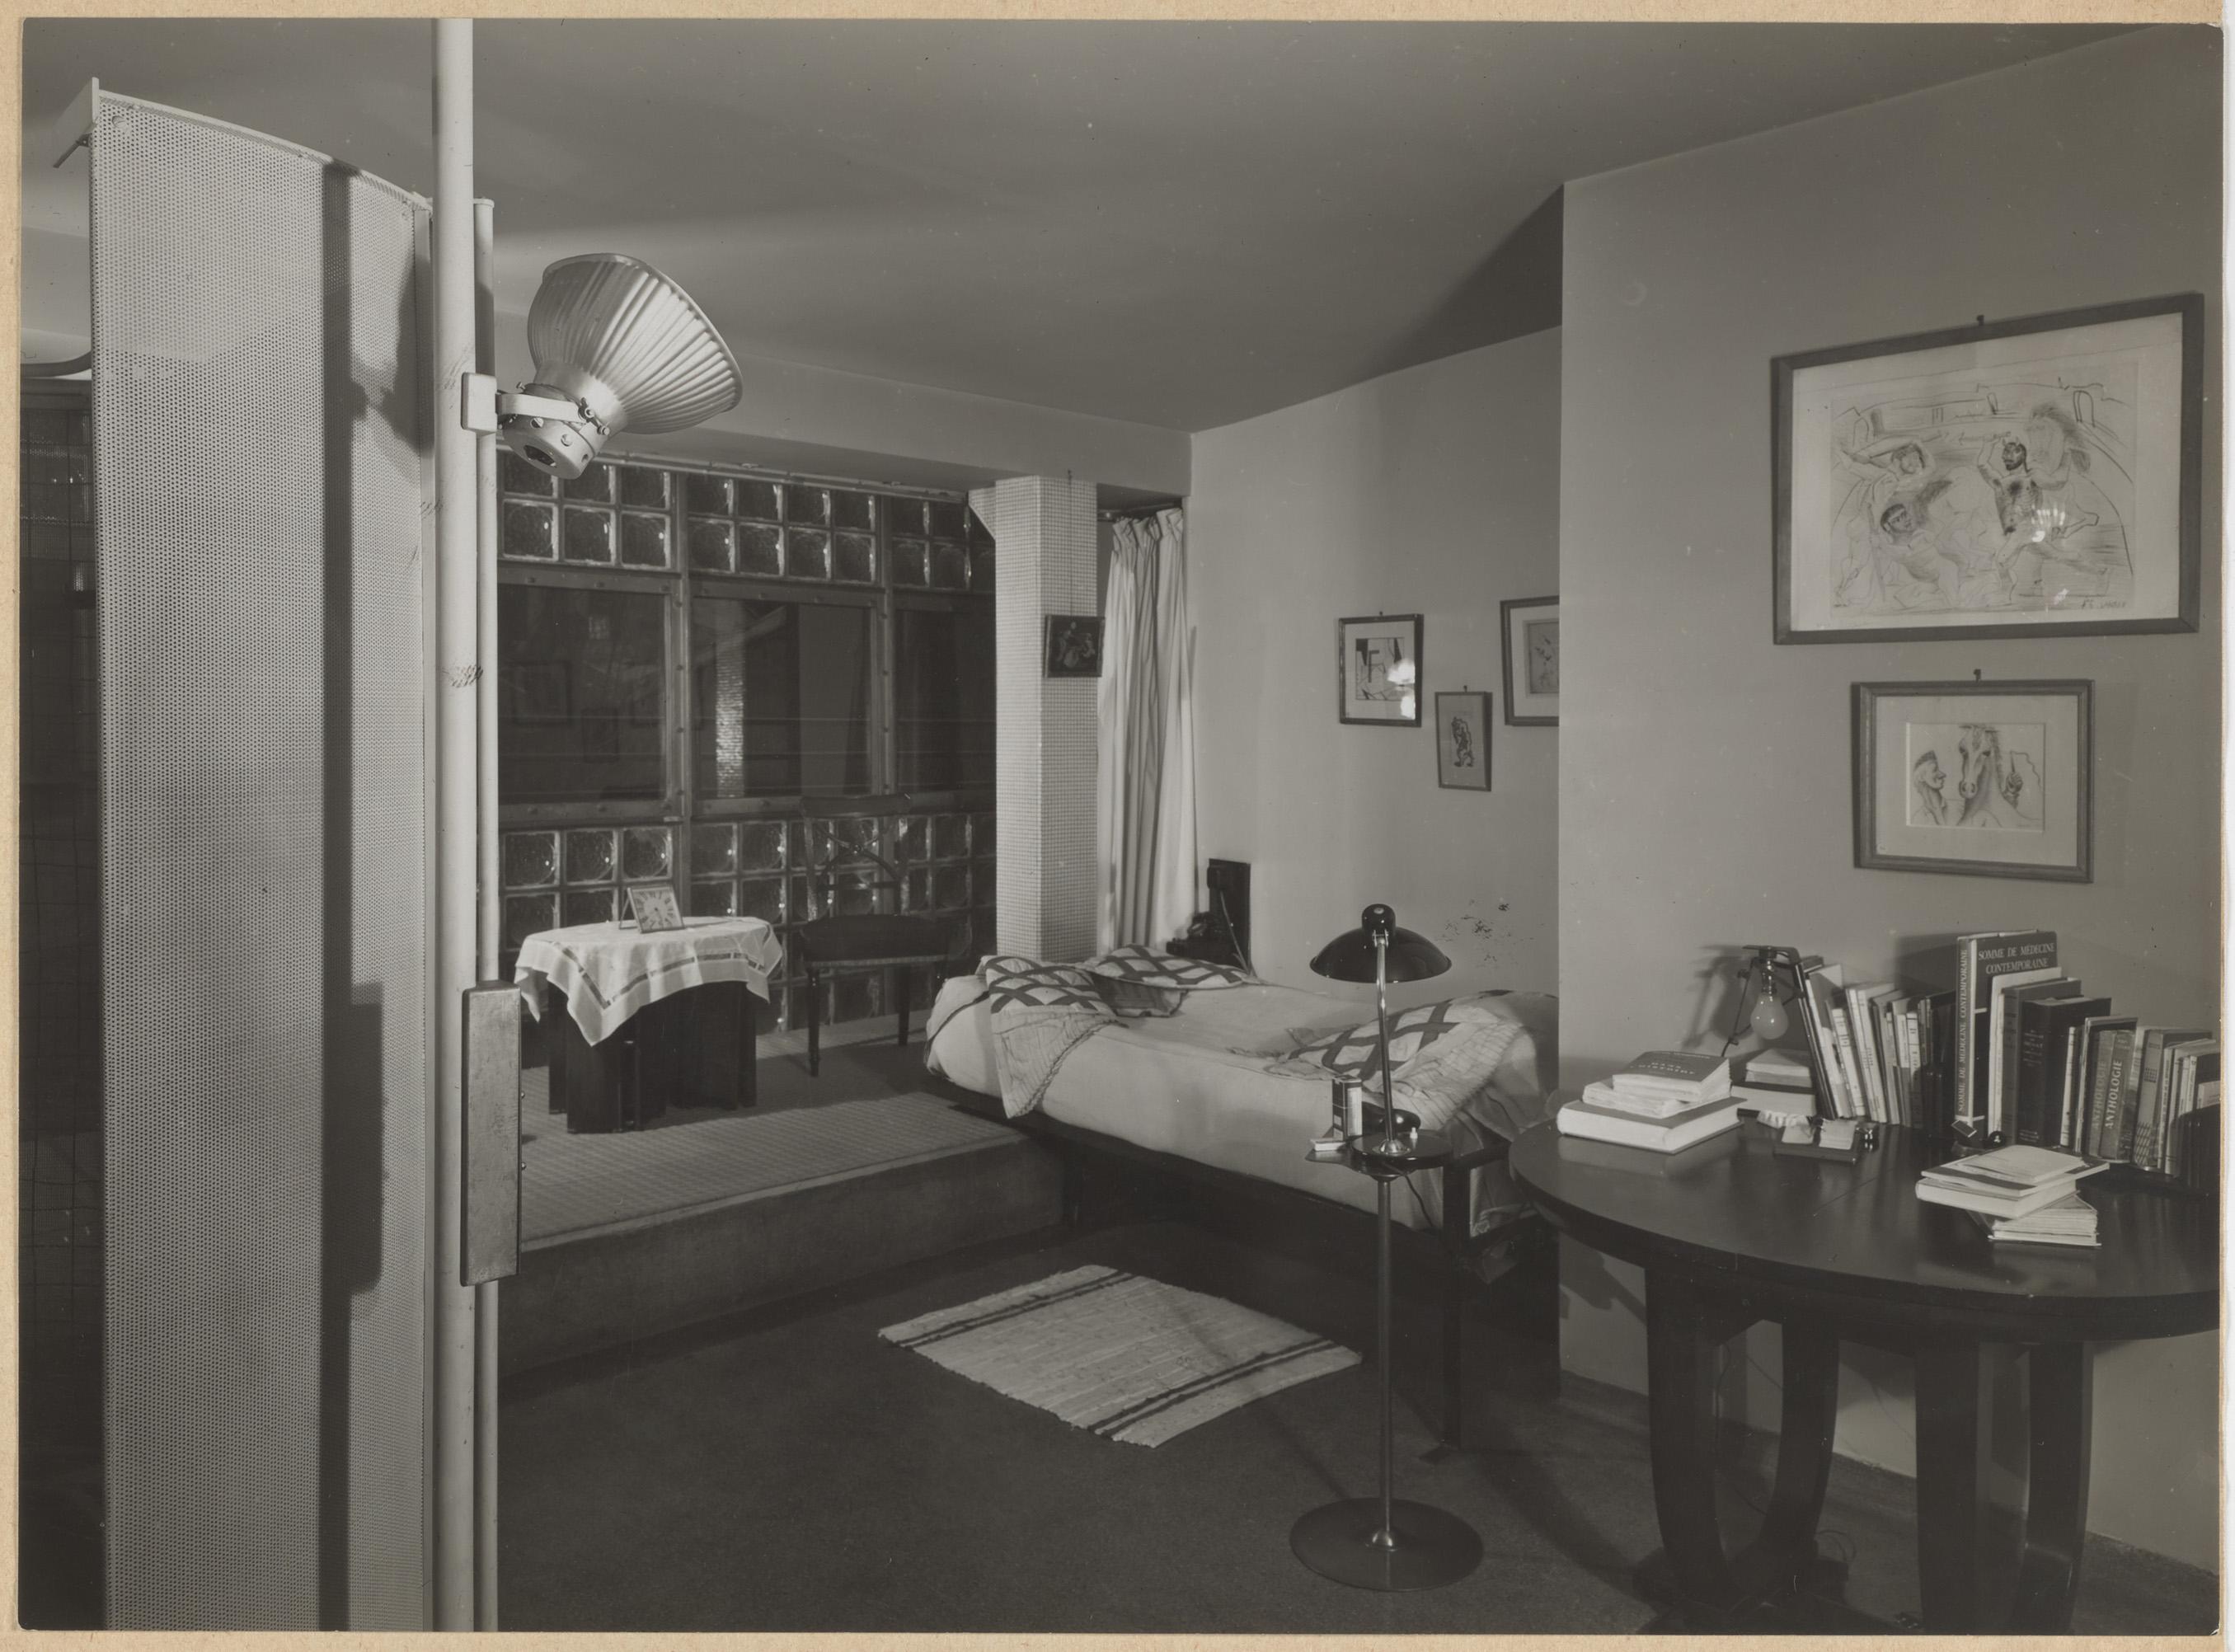 15 New Chambre Photographique Gocchiase